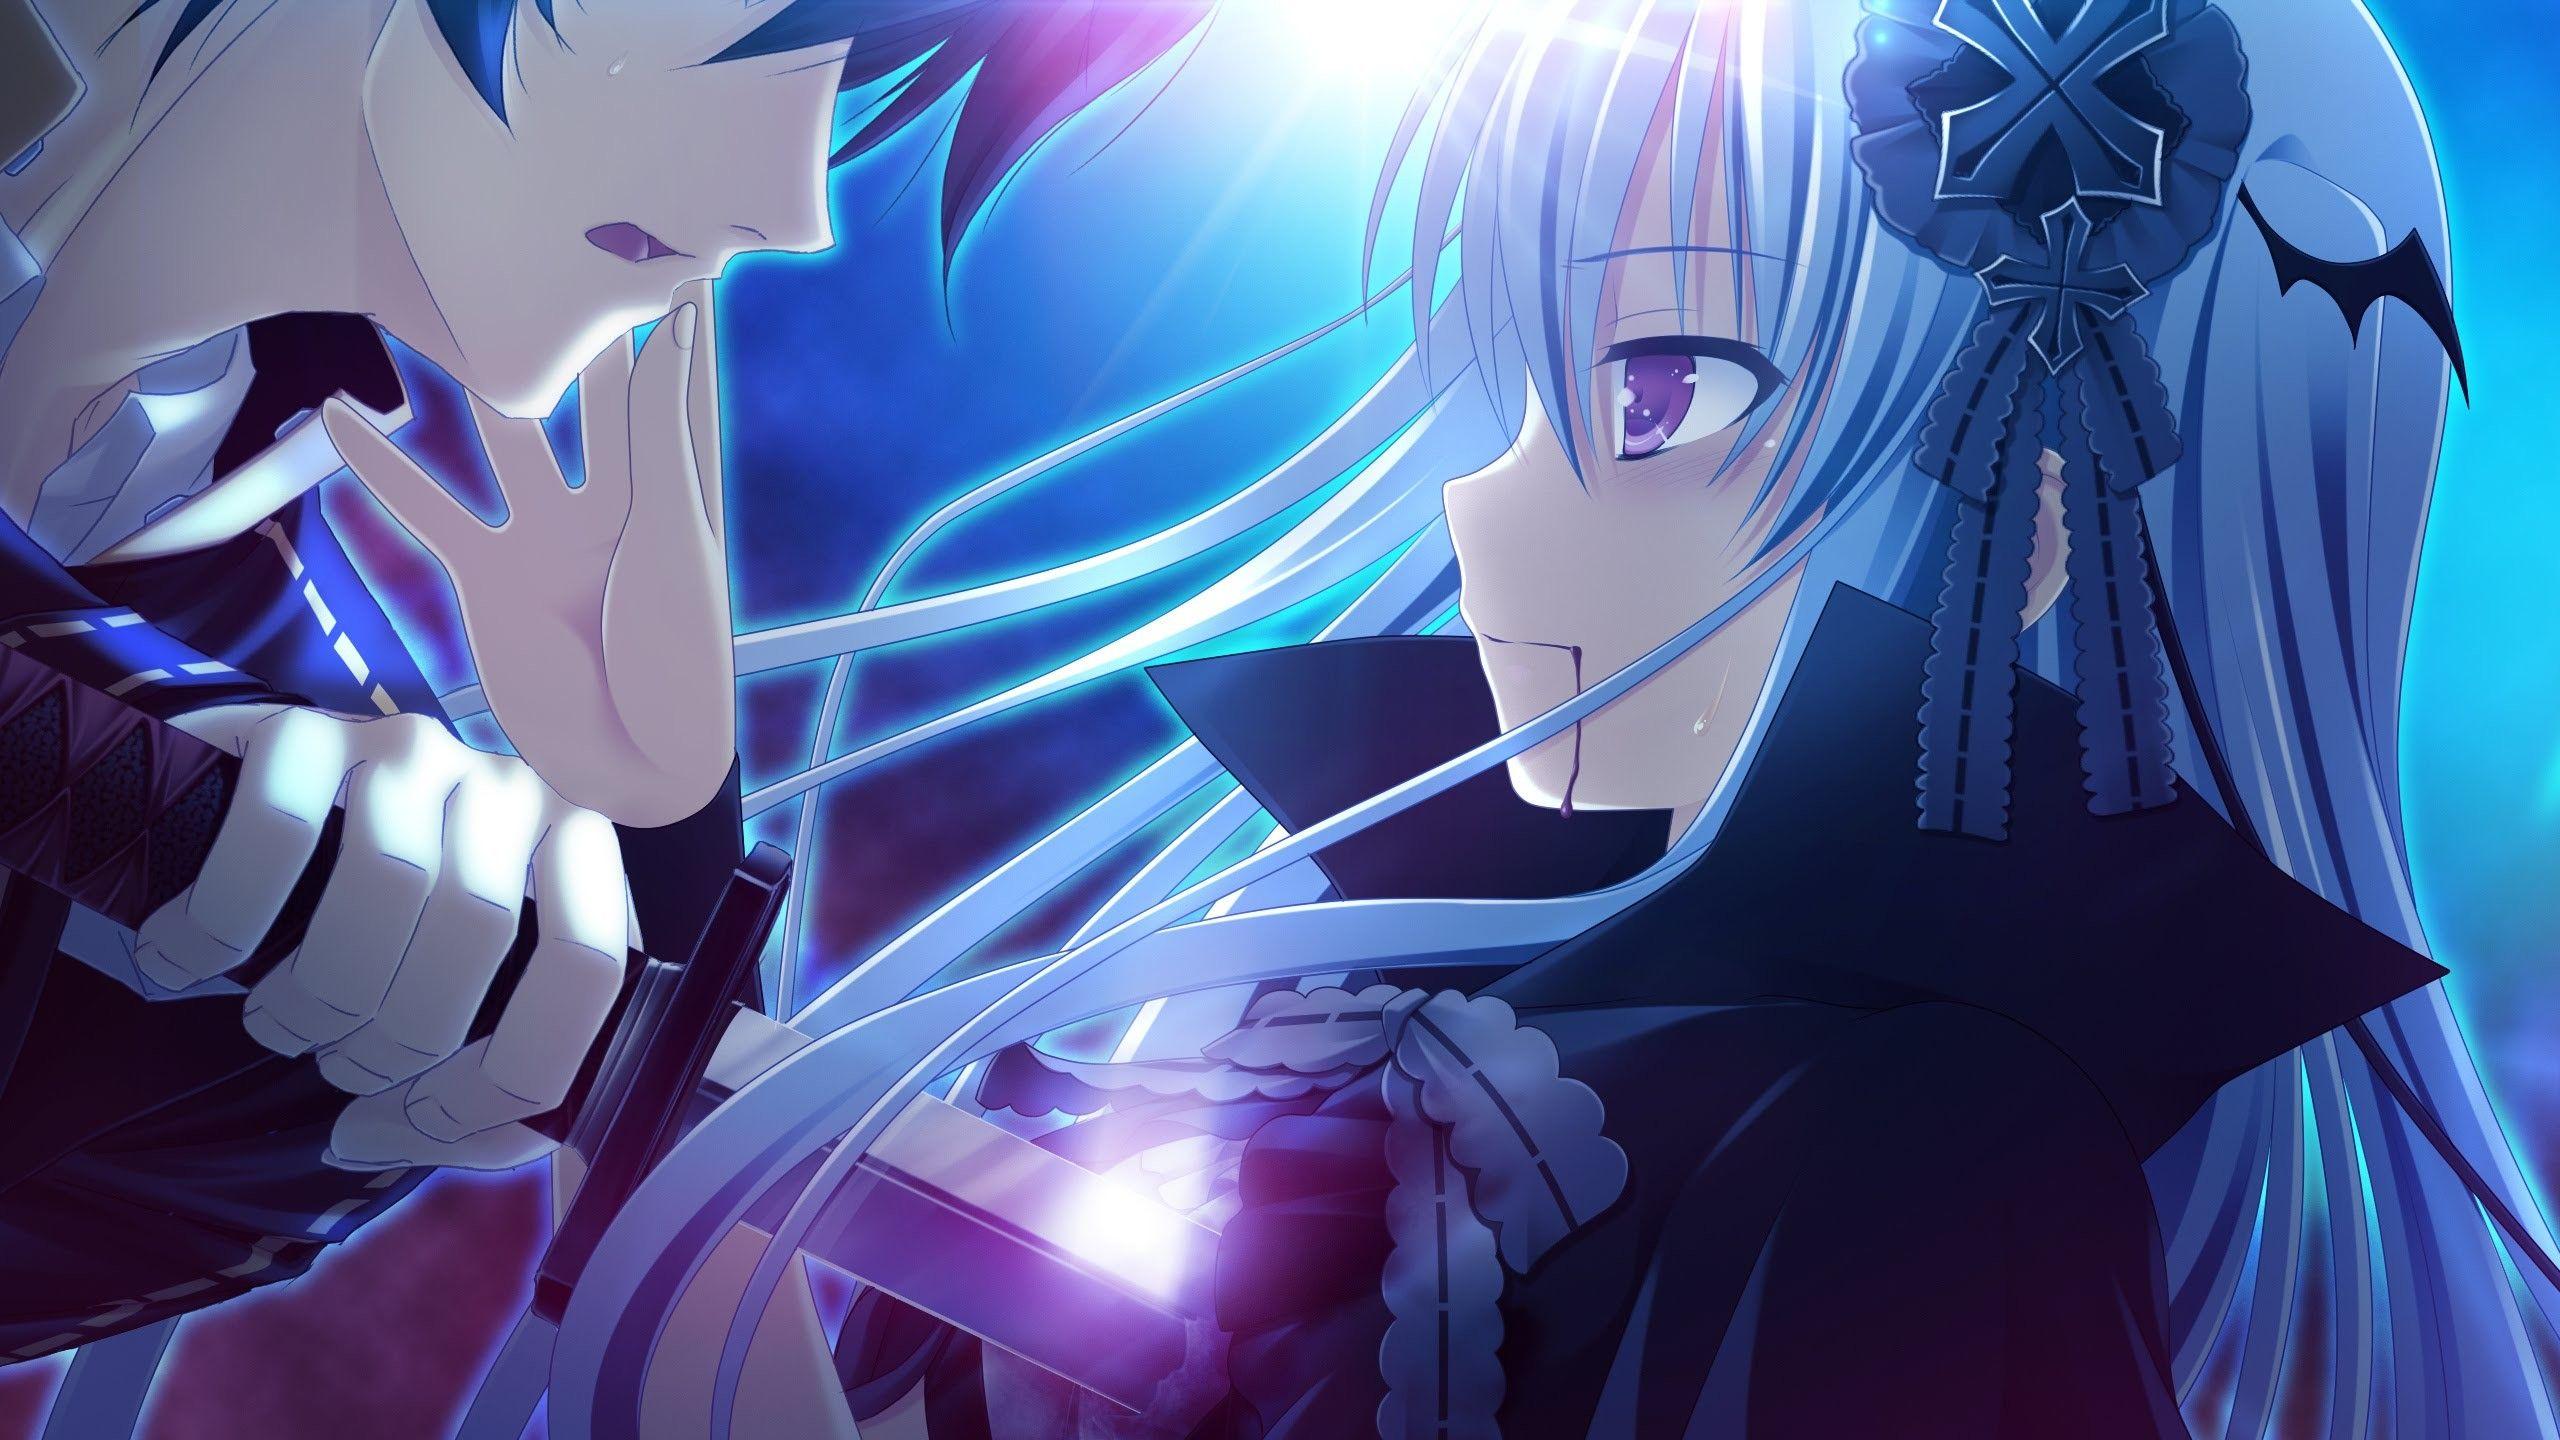 Res 2560x1440 Wallpapers Anime Hd 4k Mega Hd Anime Wallpapers Anime Cute Anime Wallpaper